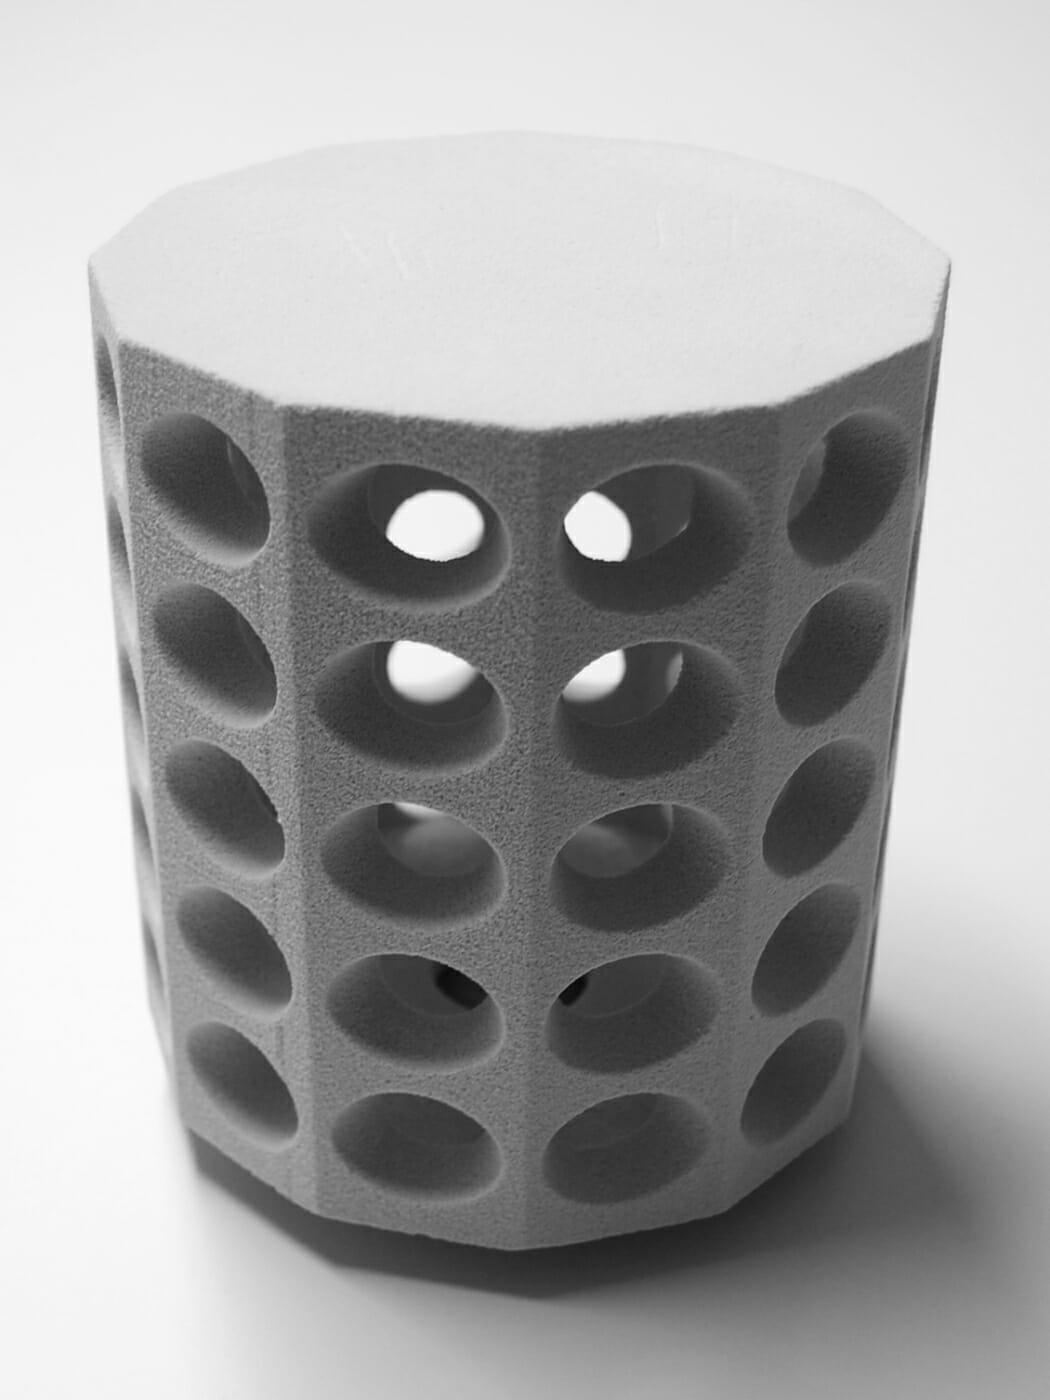 gtecz_3d_druck_beton_-_lampe_gesamt